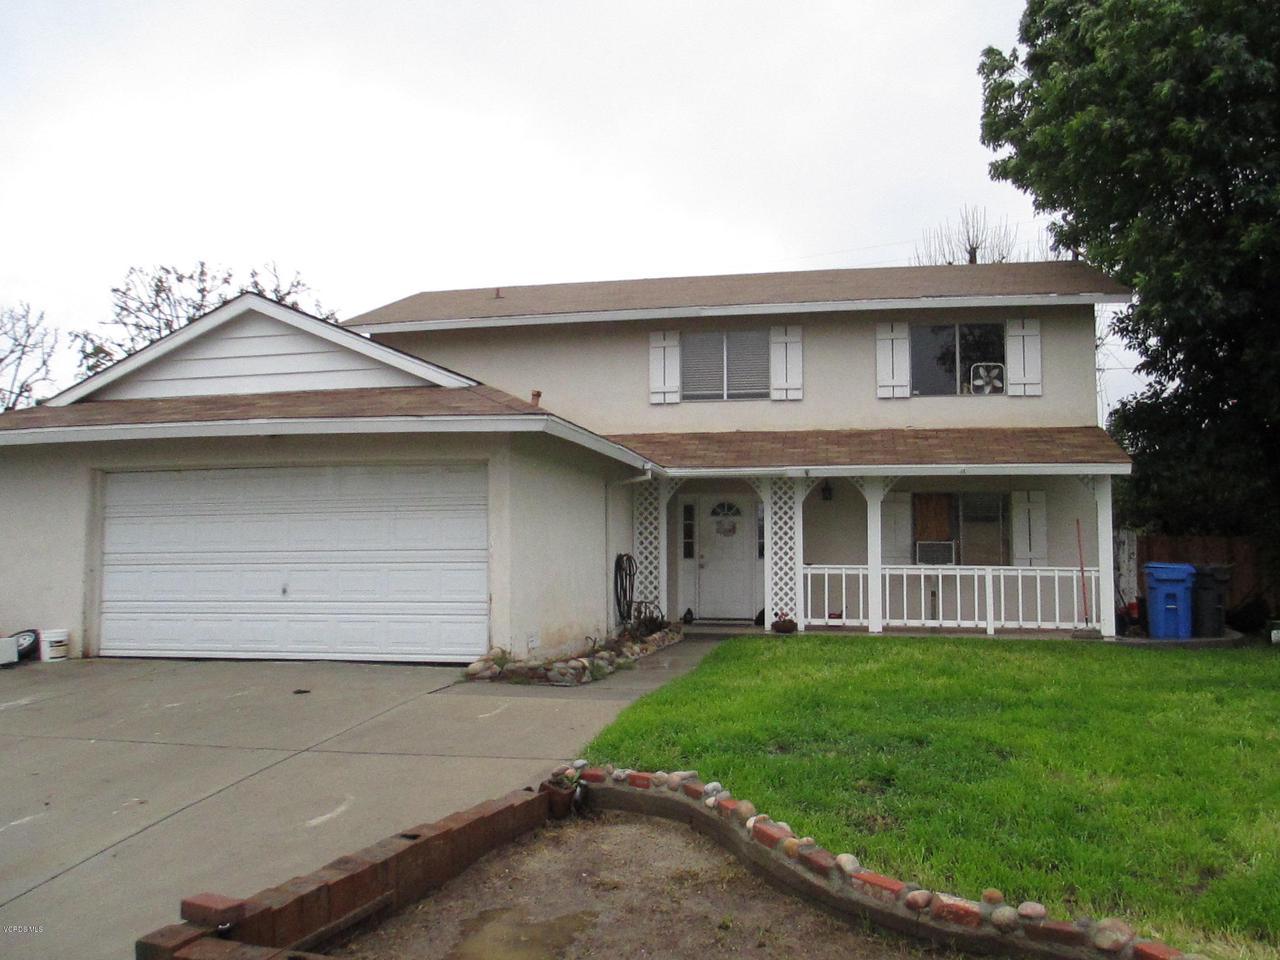 3039 KENTON, Simi Valley, CA 93065 - 3039 Kenton Ct.